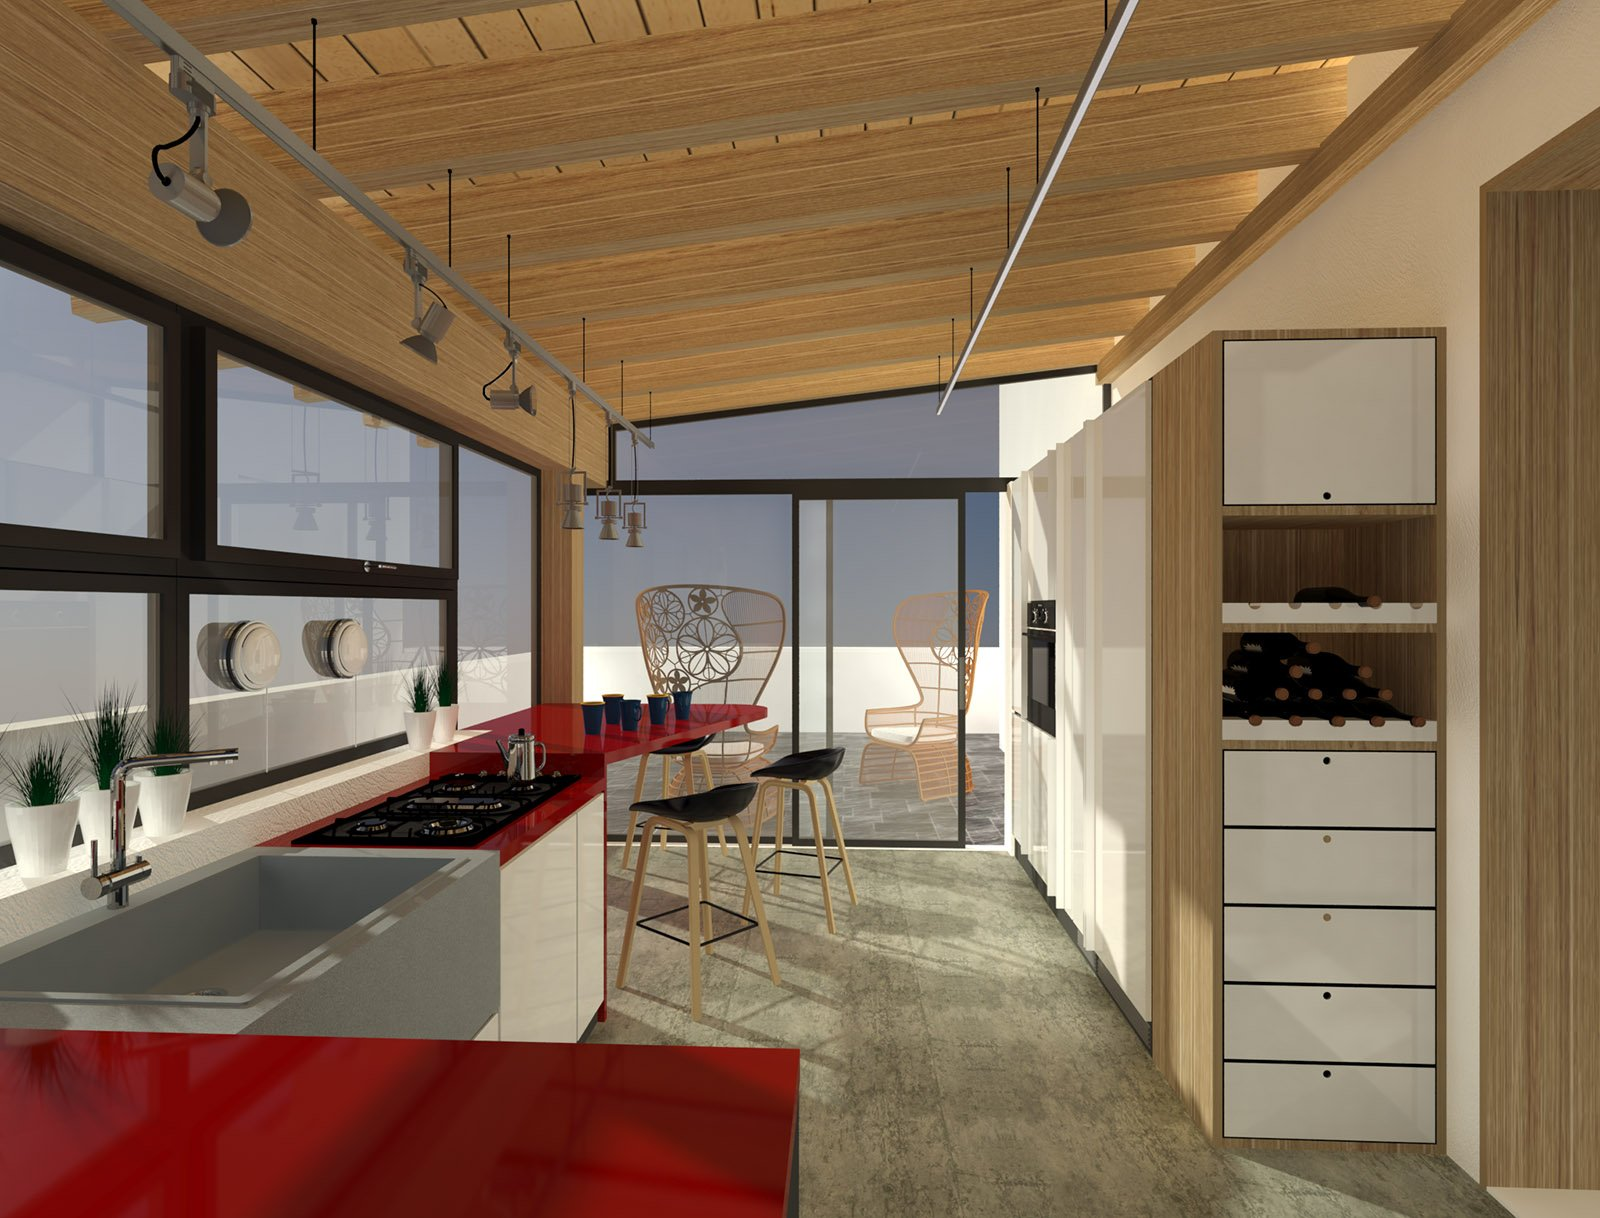 Spostare la cucina sul terrazzo sfruttando il piano casa for Piani casa a basso reddito